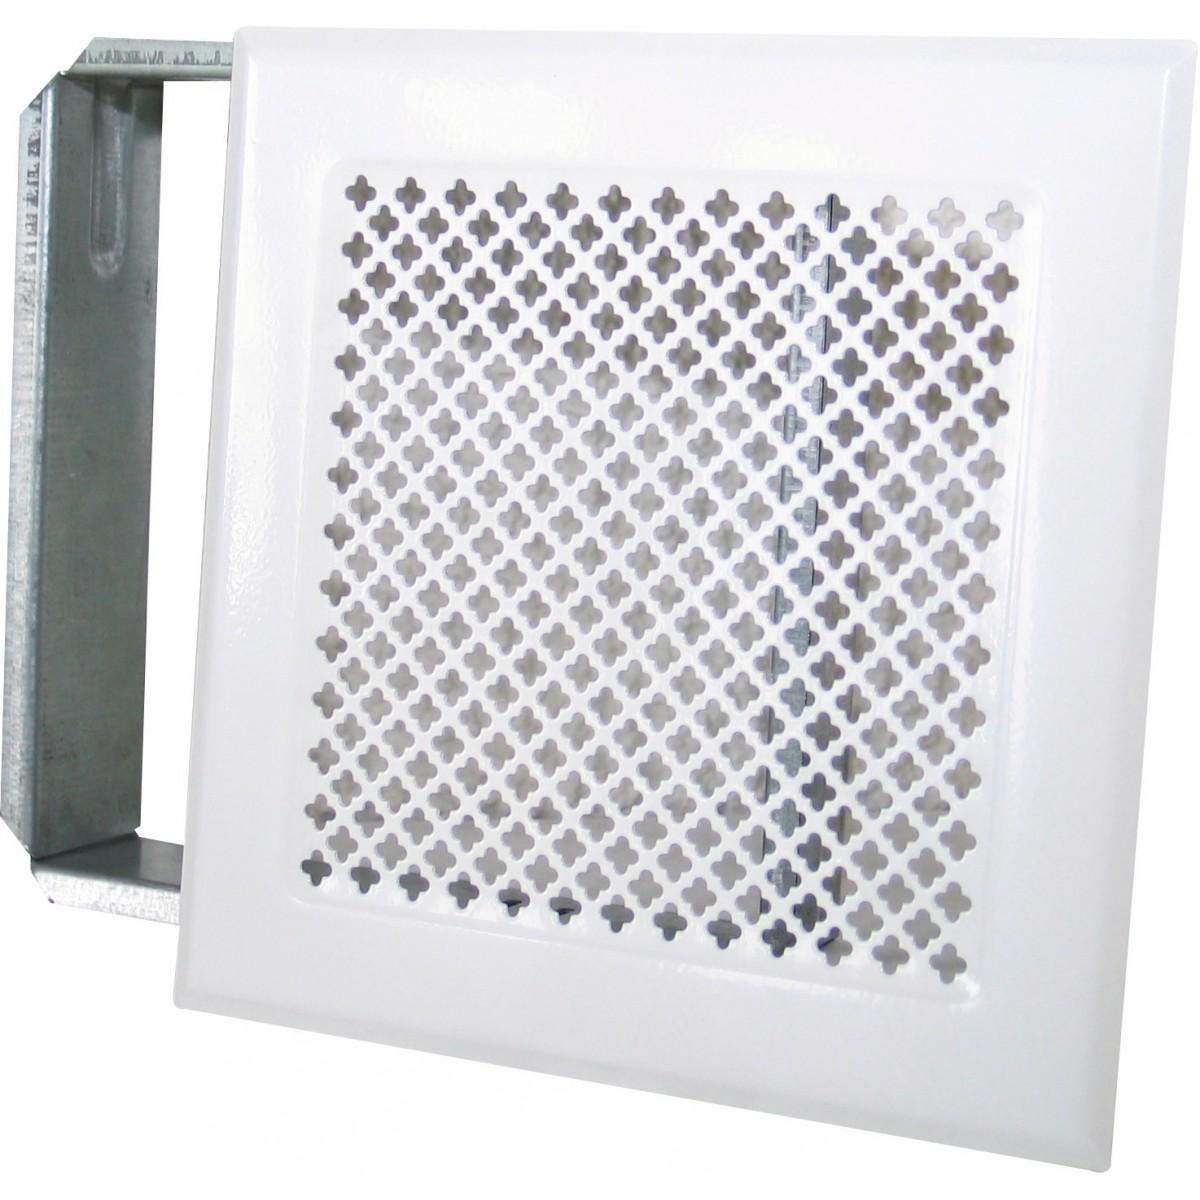 grille de chemin e avec pr cadre dmo blanc dimensions 170 x 170 mm de grille de chemin e. Black Bedroom Furniture Sets. Home Design Ideas